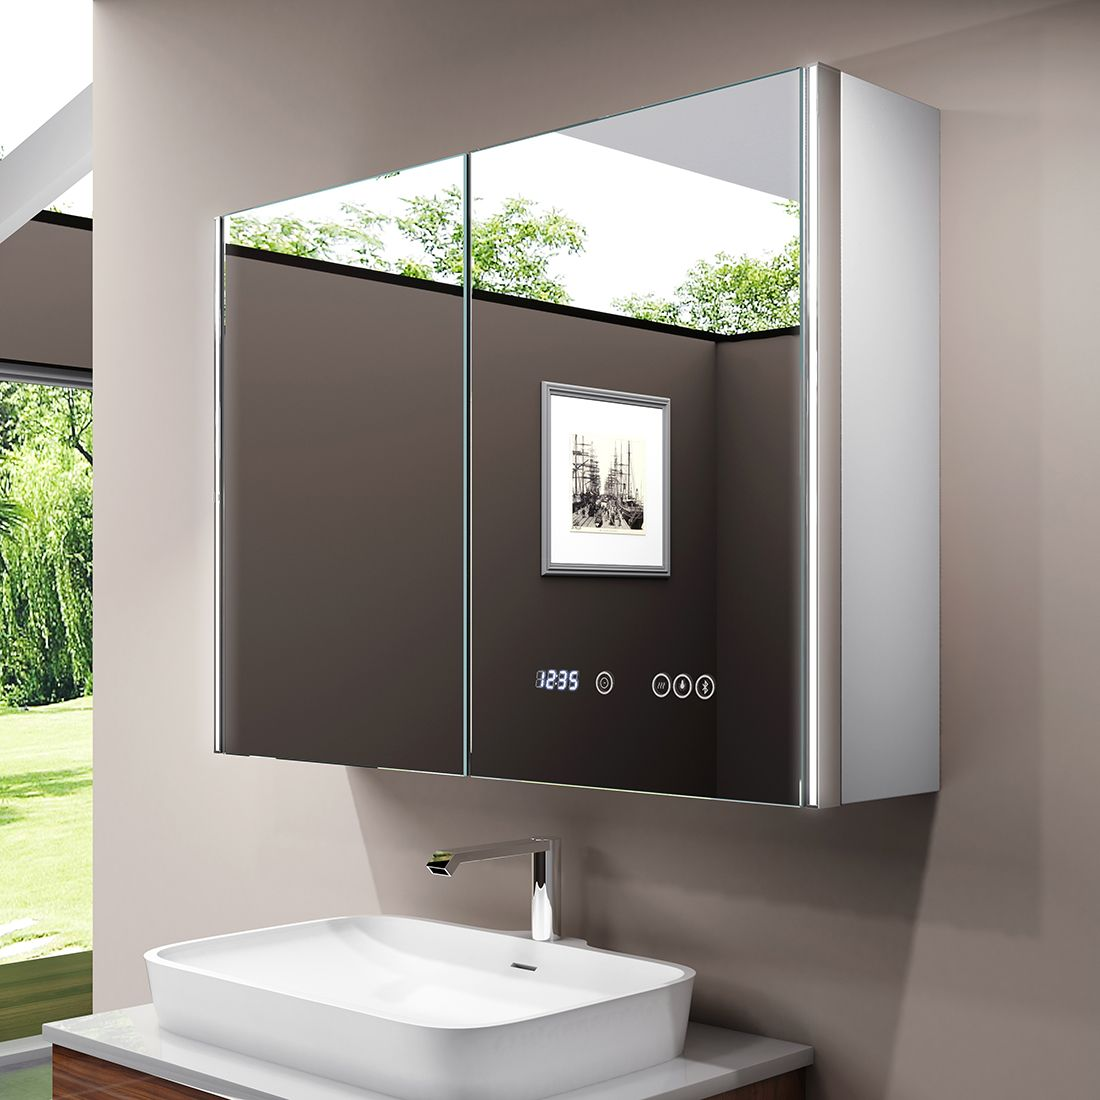 Neues Design Led Spiegelschrank Badschrank Mit Sensorschalter Bluetooth Lautsprecher Spiegelschrank Led Spiegelschrank Led Spiegel